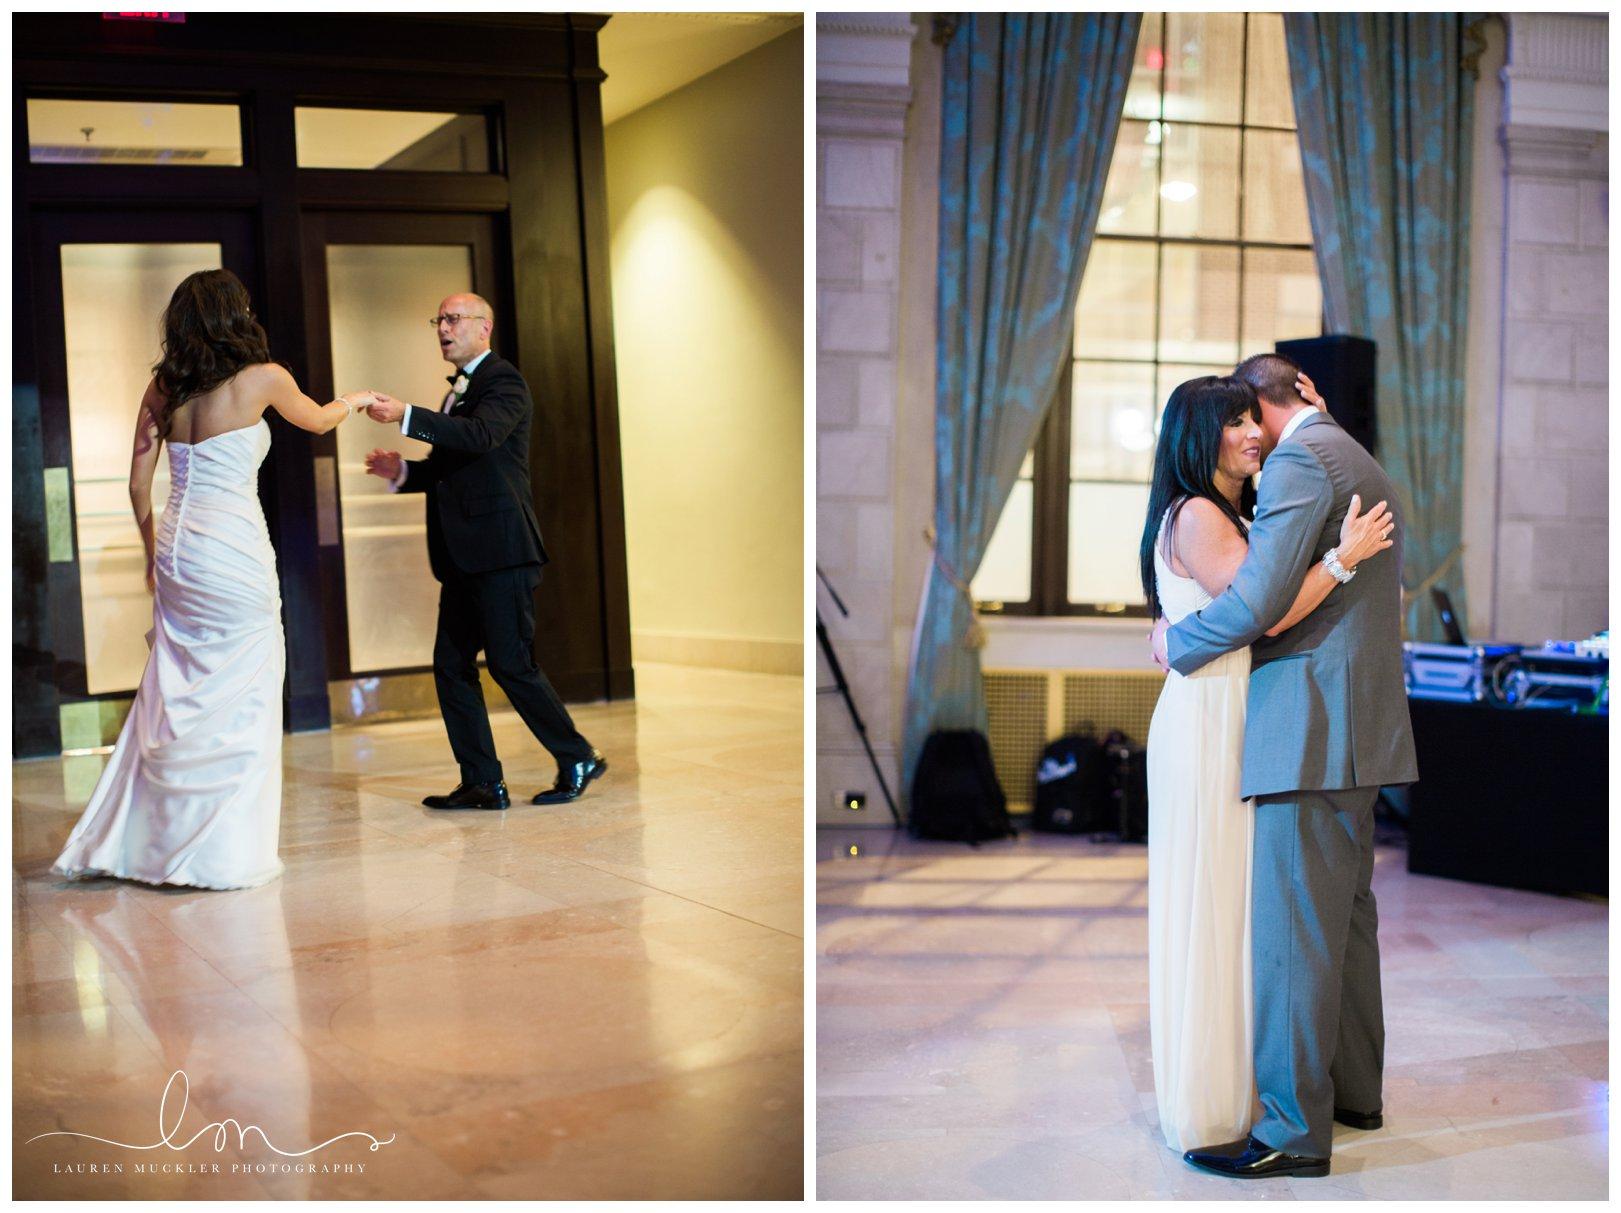 lauren muckler photography_fine art film wedding photography_st louis_photography_0274.jpg